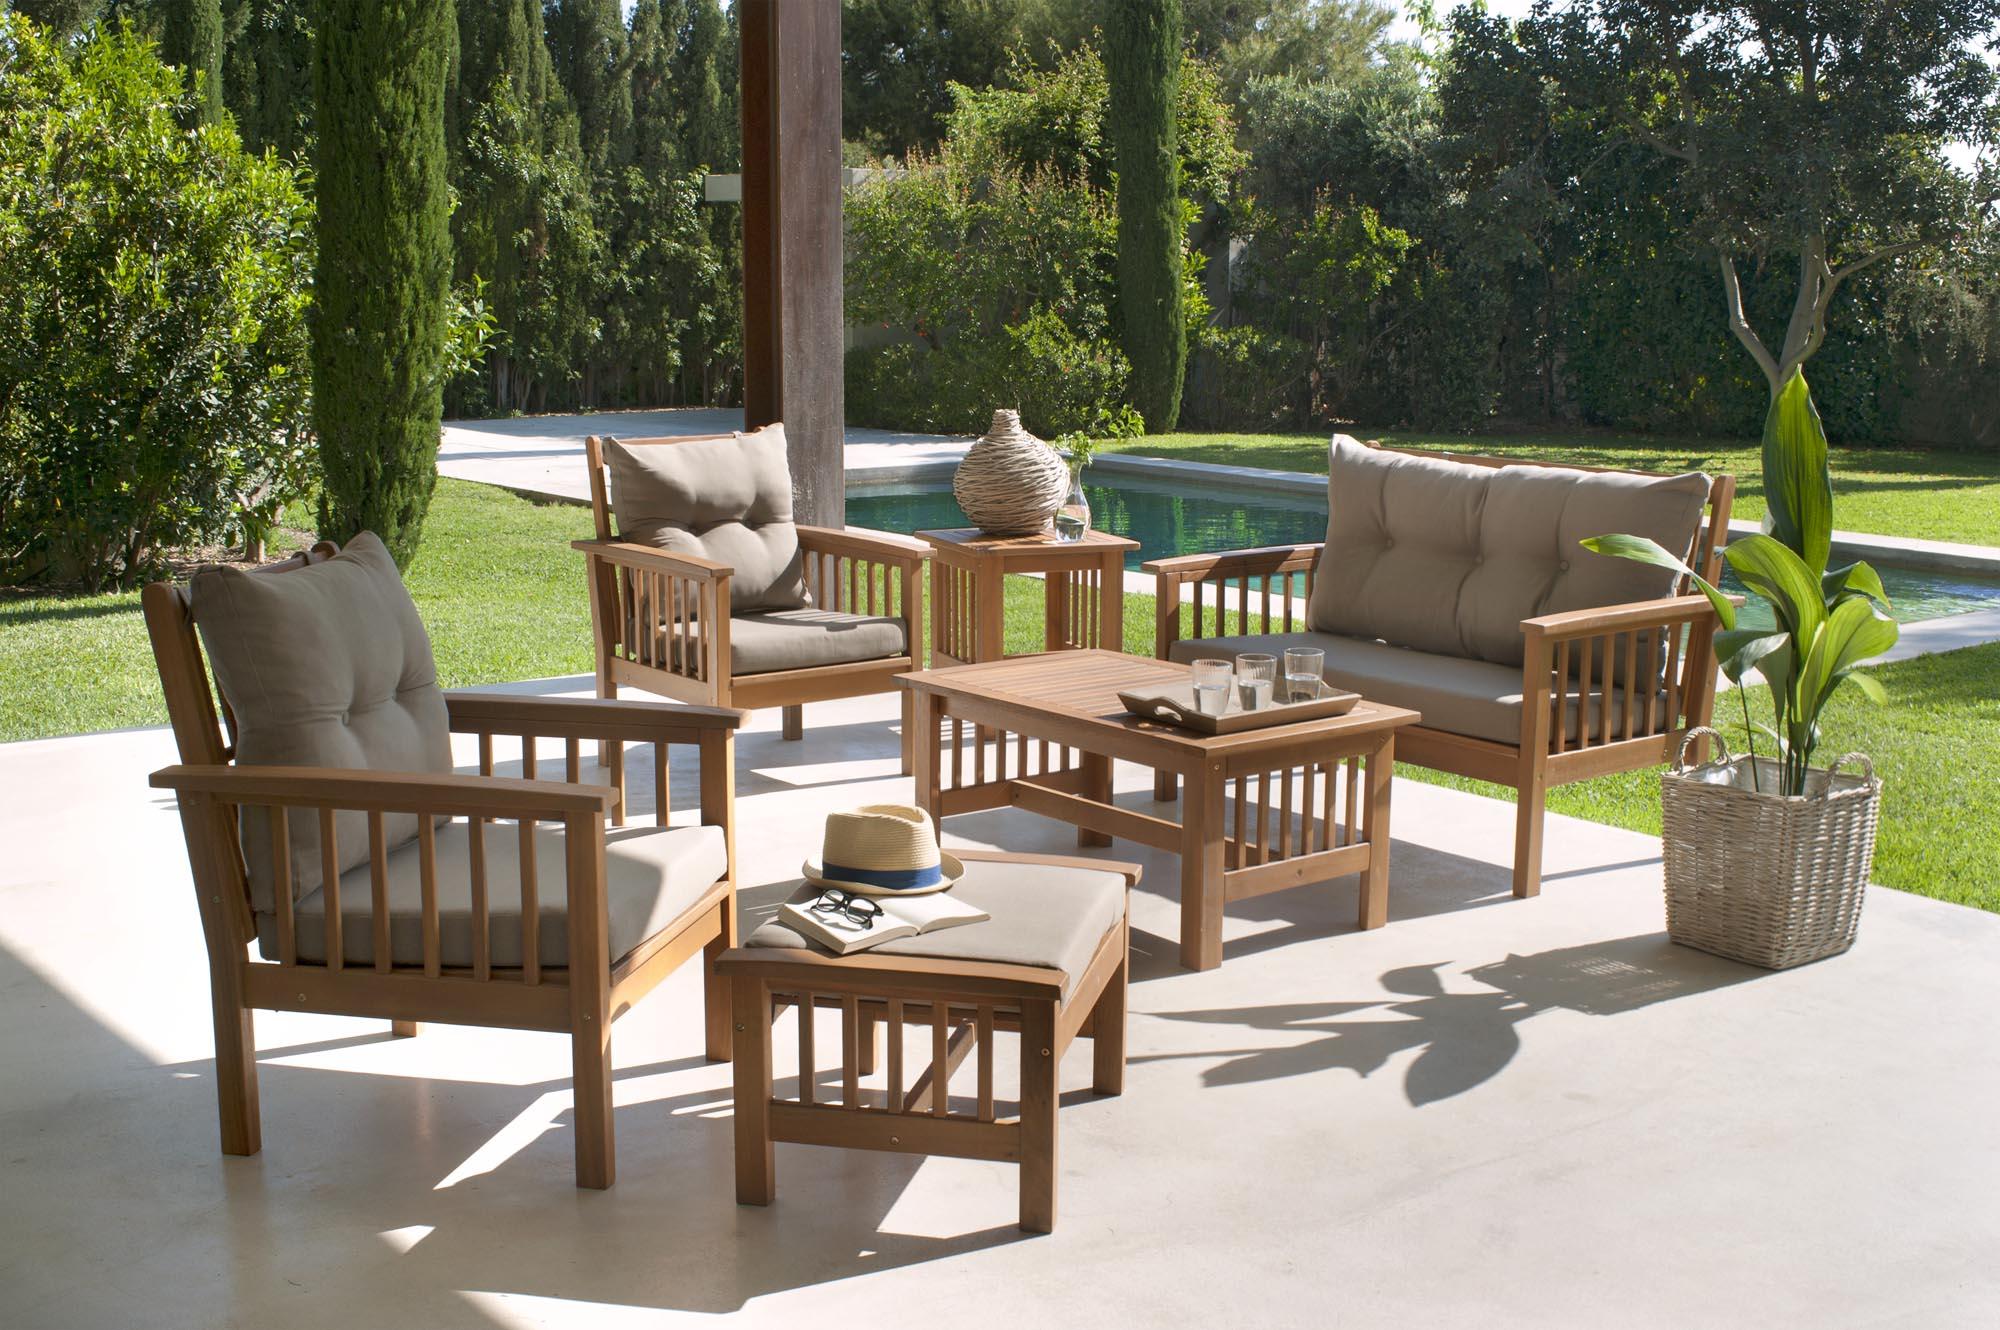 Salon de jardin bas resine carrefour jardin piscine et cabane - Home salon ollioules ...